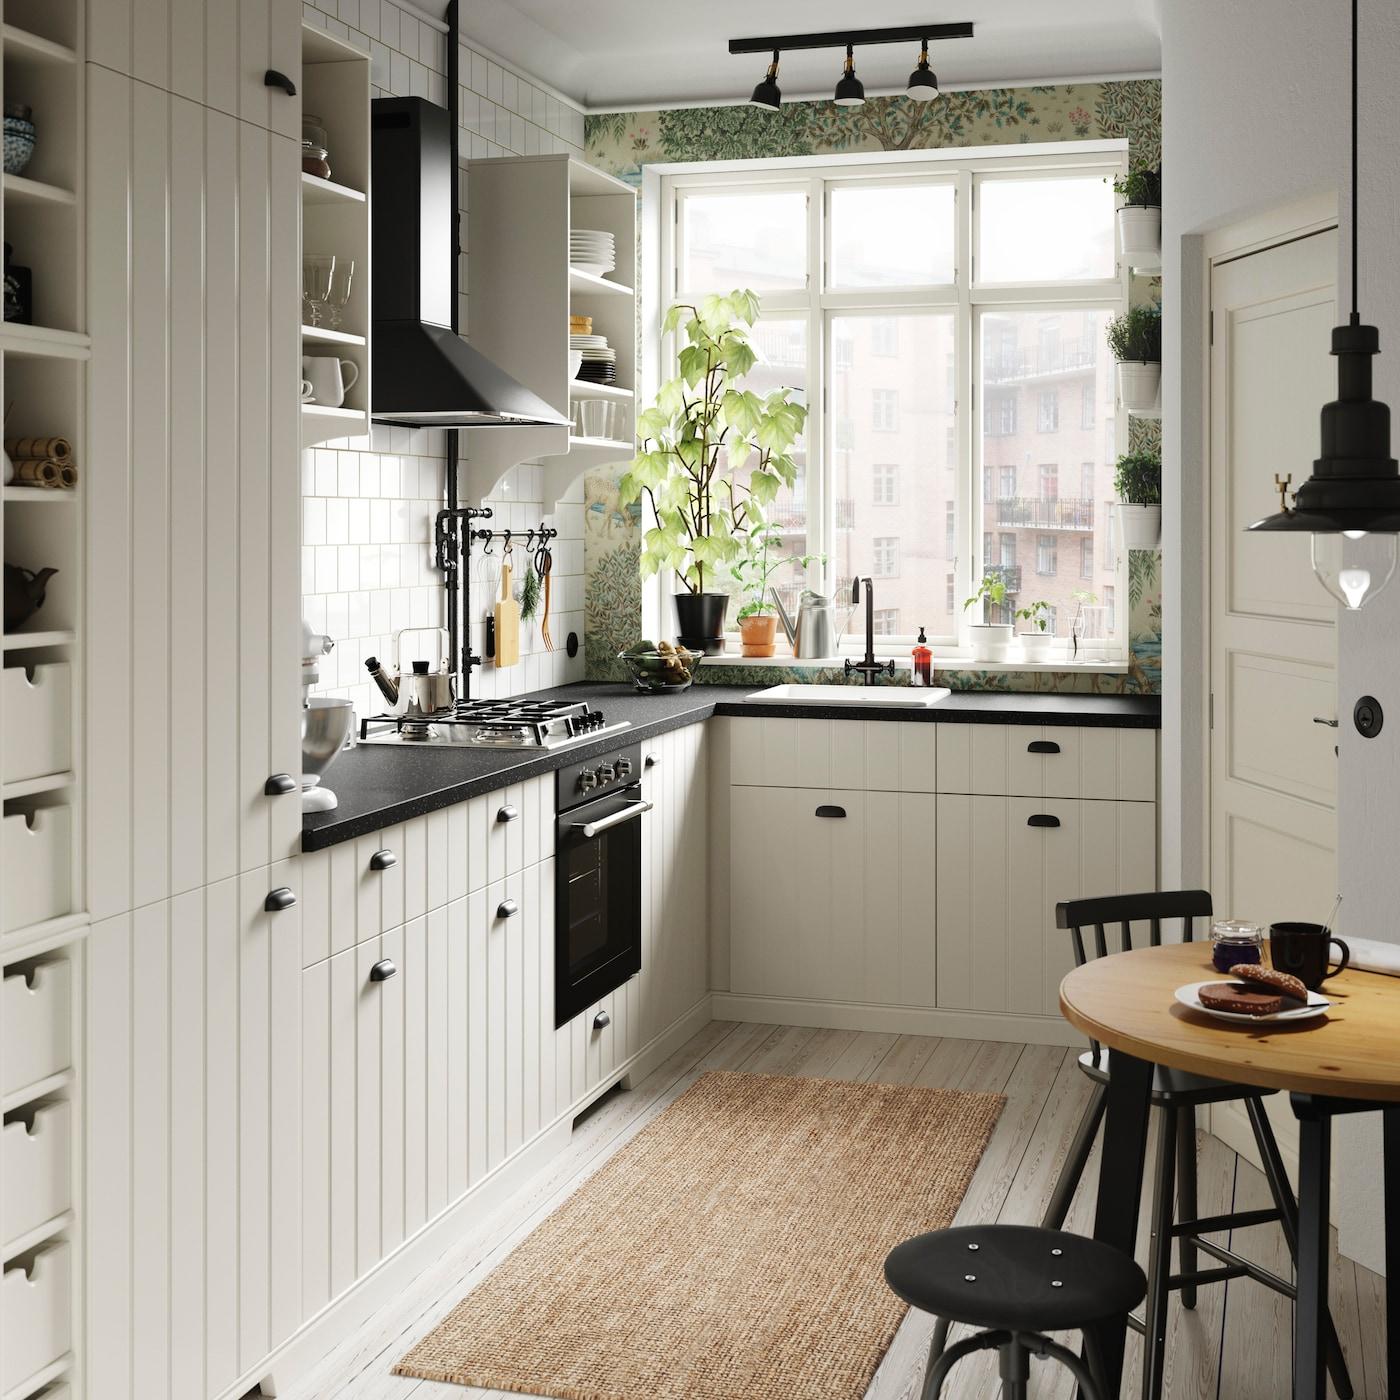 Eine Gemütliche Kleine Küche In Der Großen Stadt